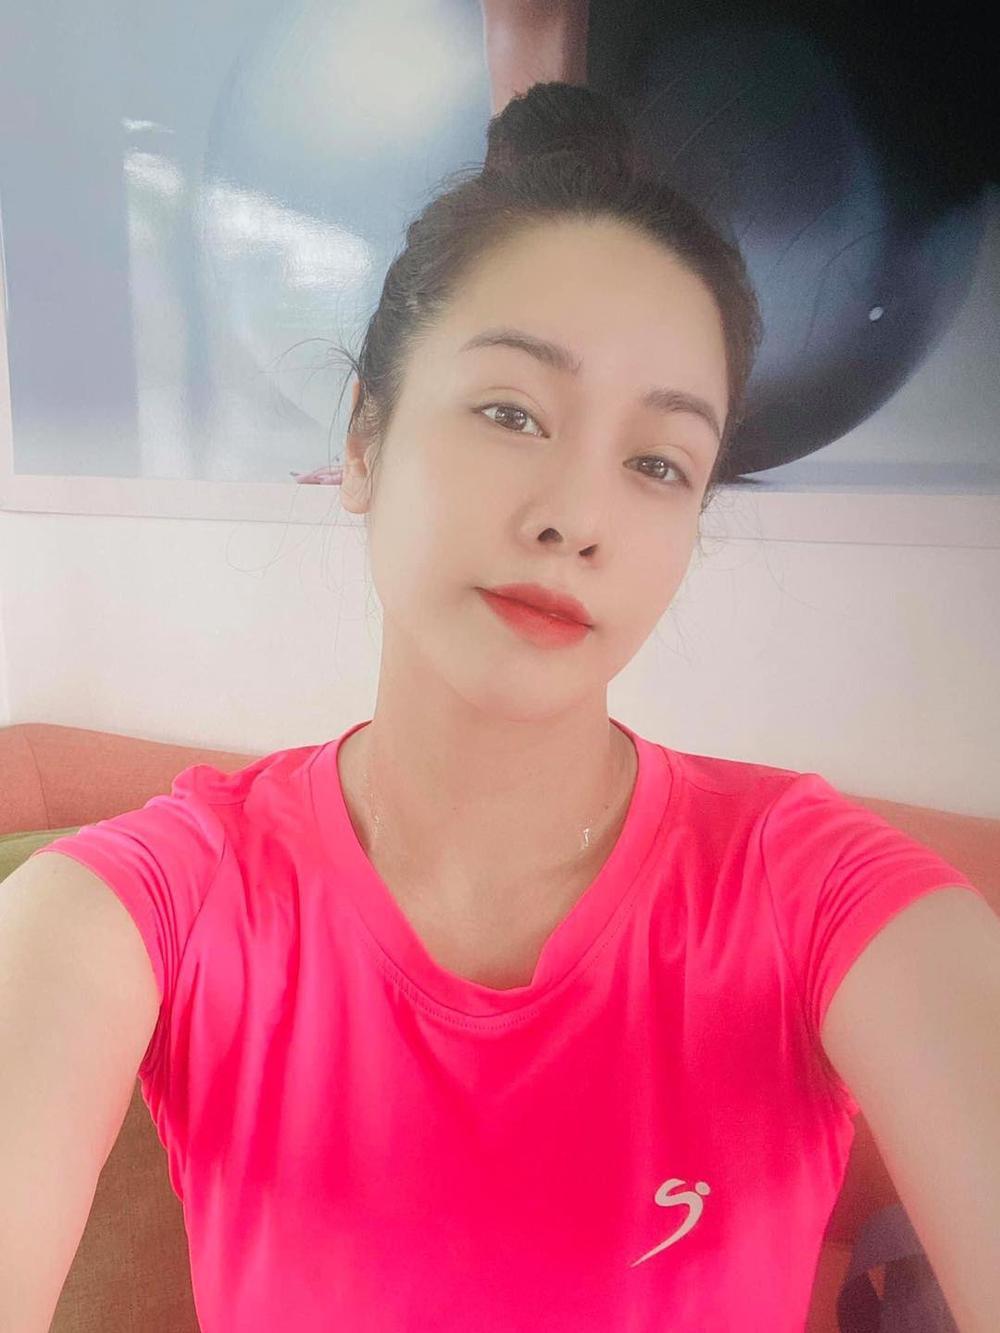 Mặc kệ ồn ào tình cảm với TiTi (HKT), Nhật Kim Anh rạng rỡ khoe xe mới tiền tỷ: Phụ nữ tự chủ tài chính vẫn là tốt nhất Ảnh 3